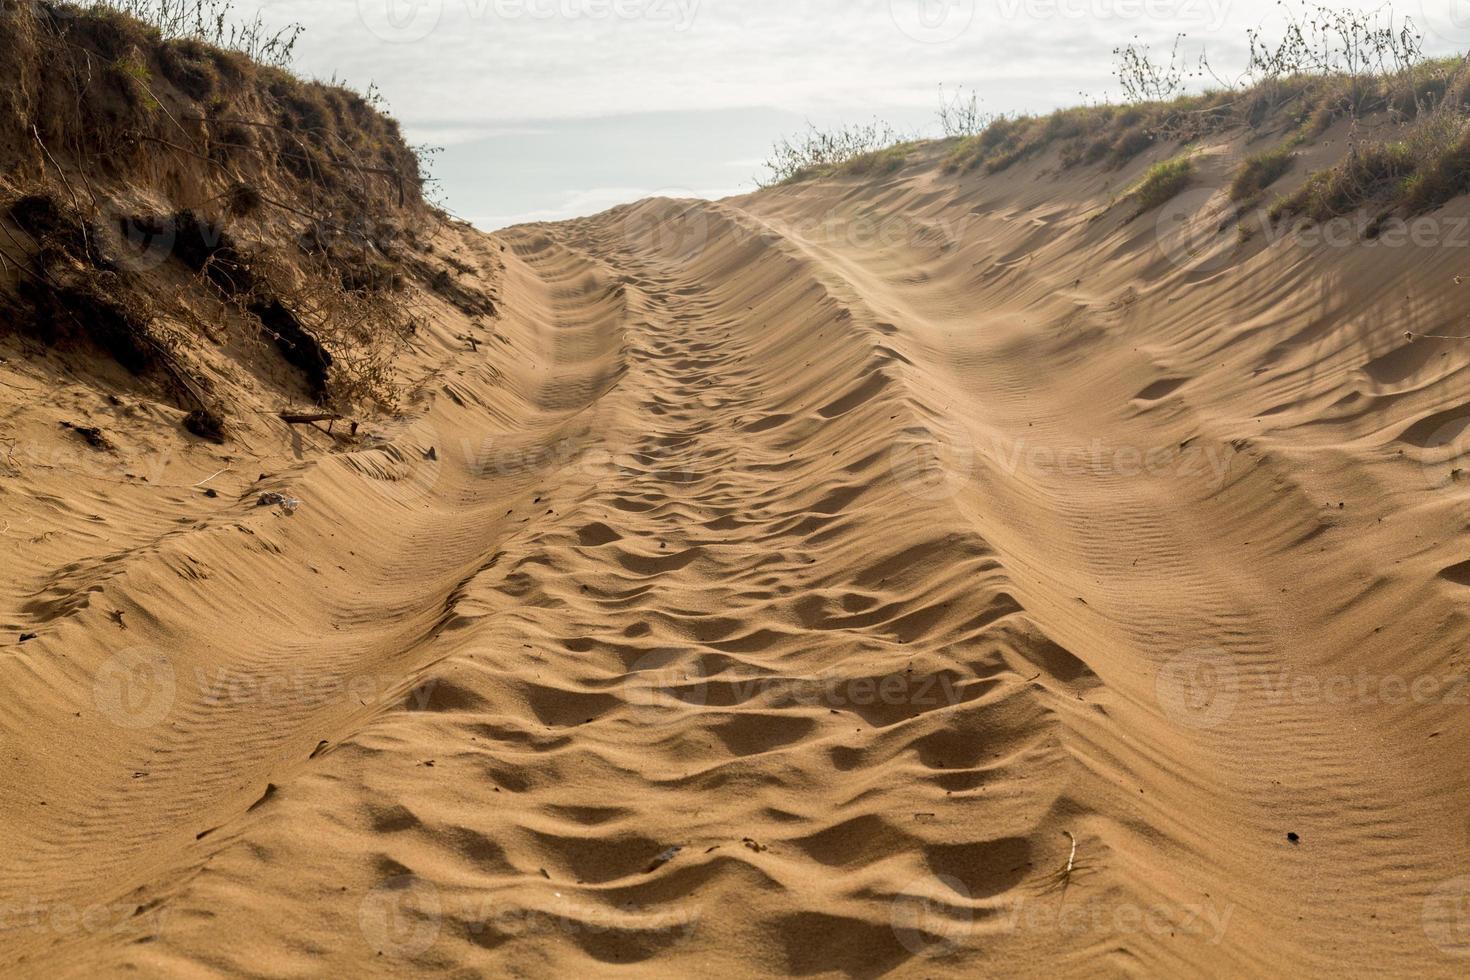 traces de pneus dans les dunes de sable sur la colline photo